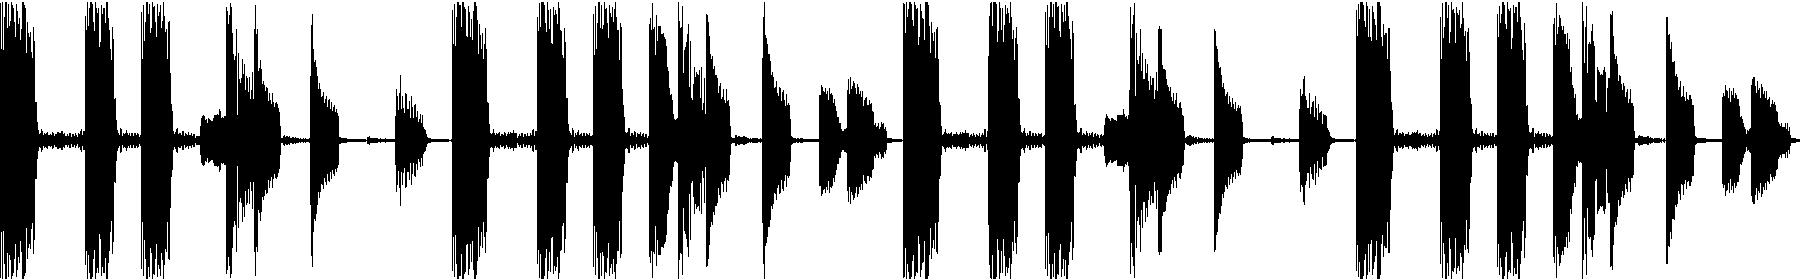 s.w.b. bassloop   11